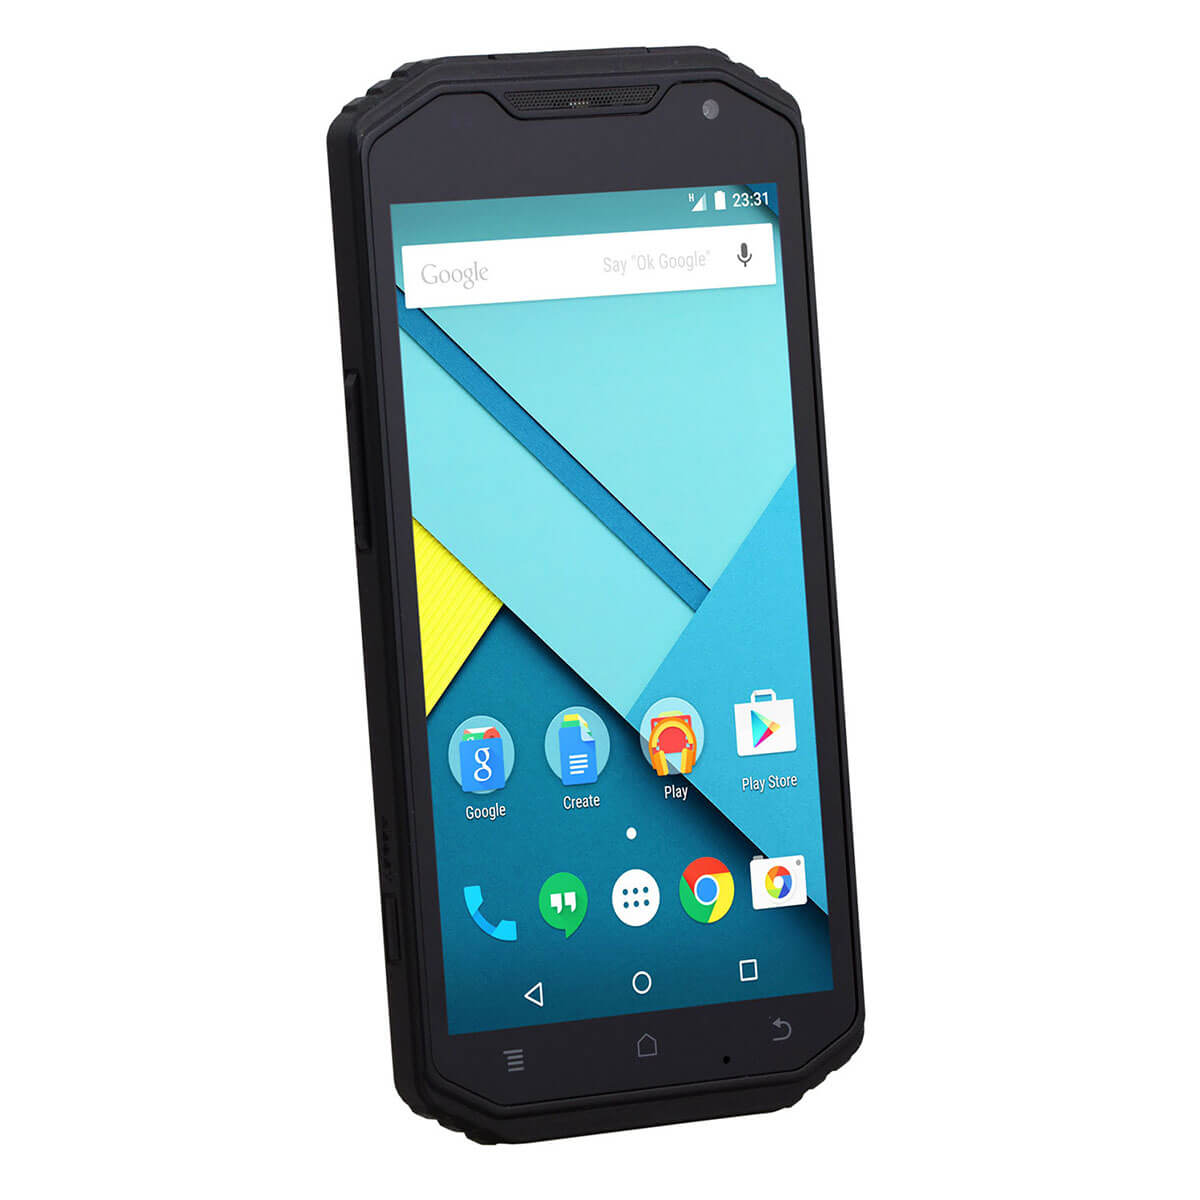 Ruggeroitu Android älypuhelin